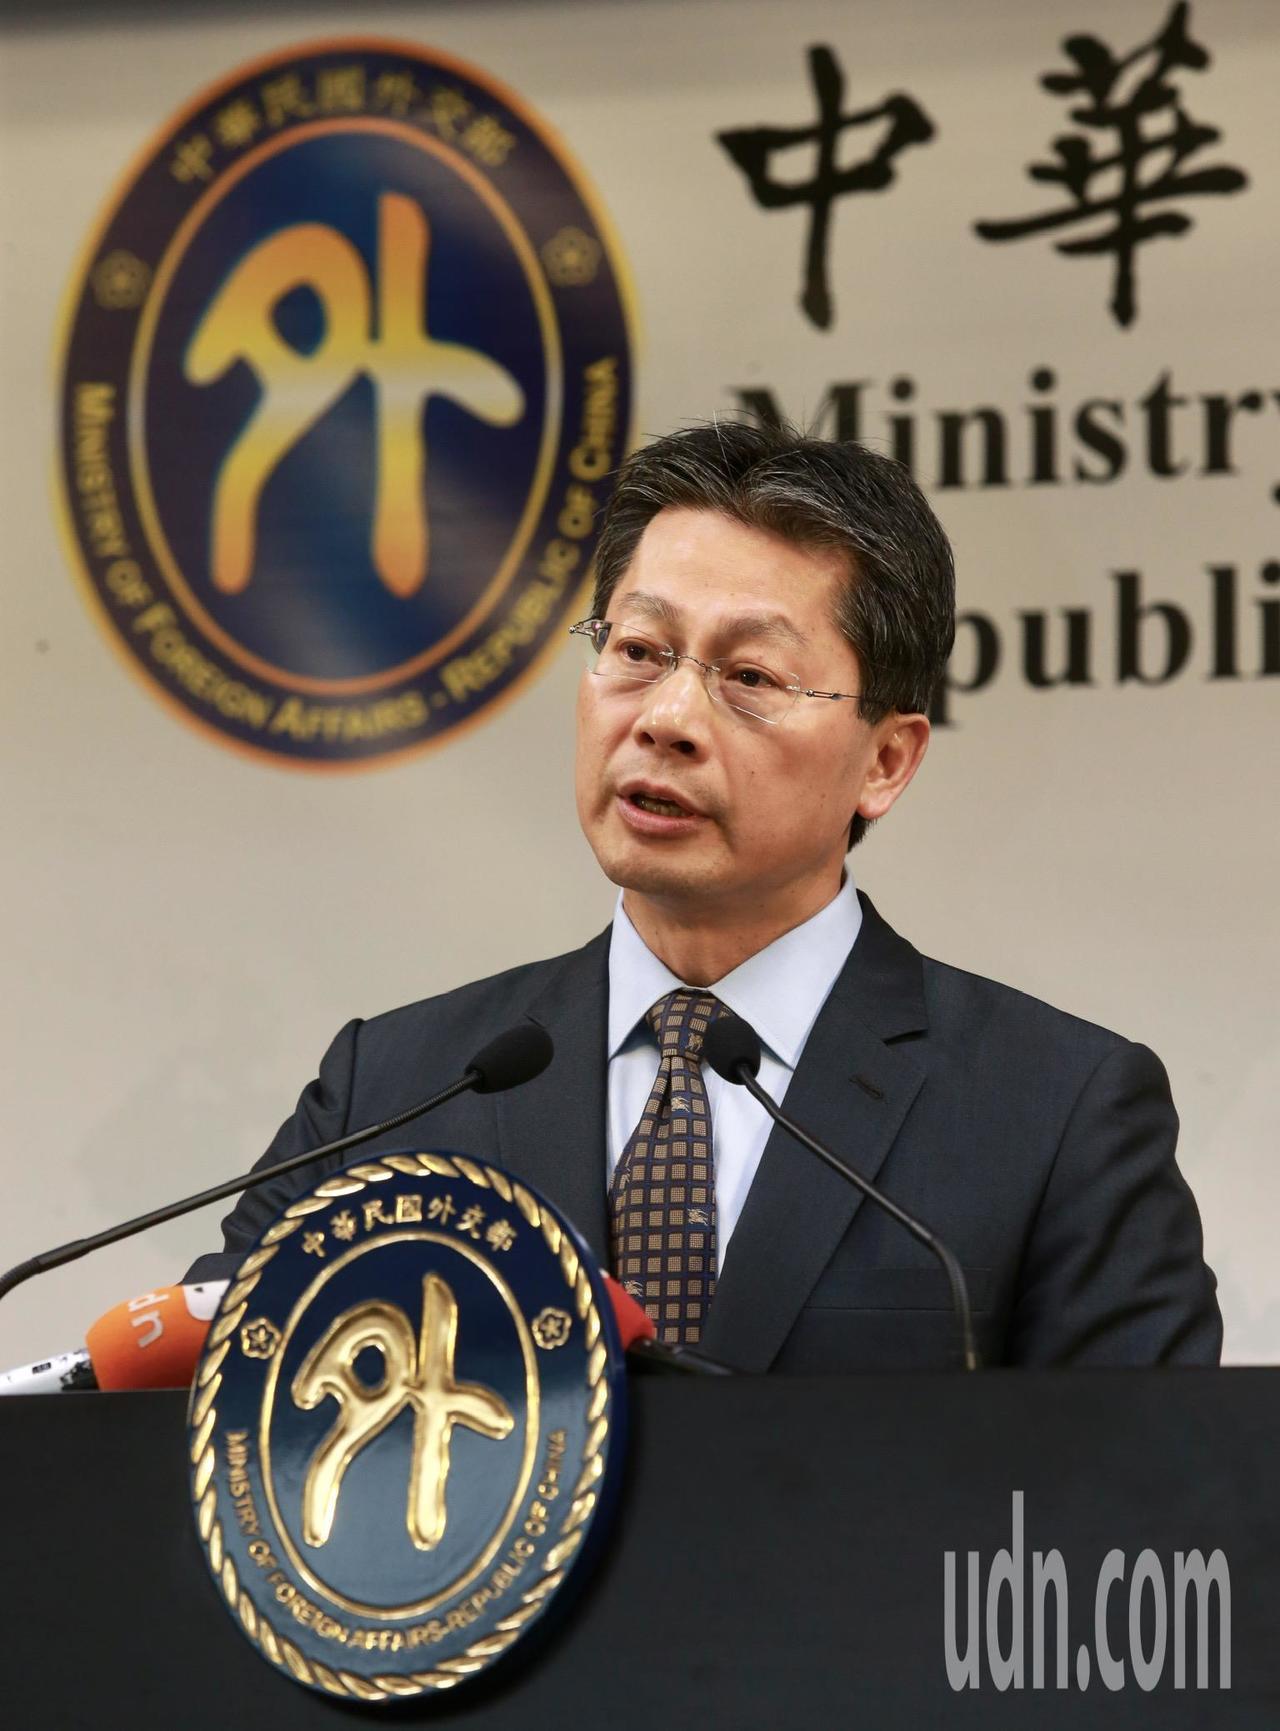 外交部發言人李憲章表示,台索關係穩健,雙邊合作計畫都順利執行,會持續深化台索邦誼...